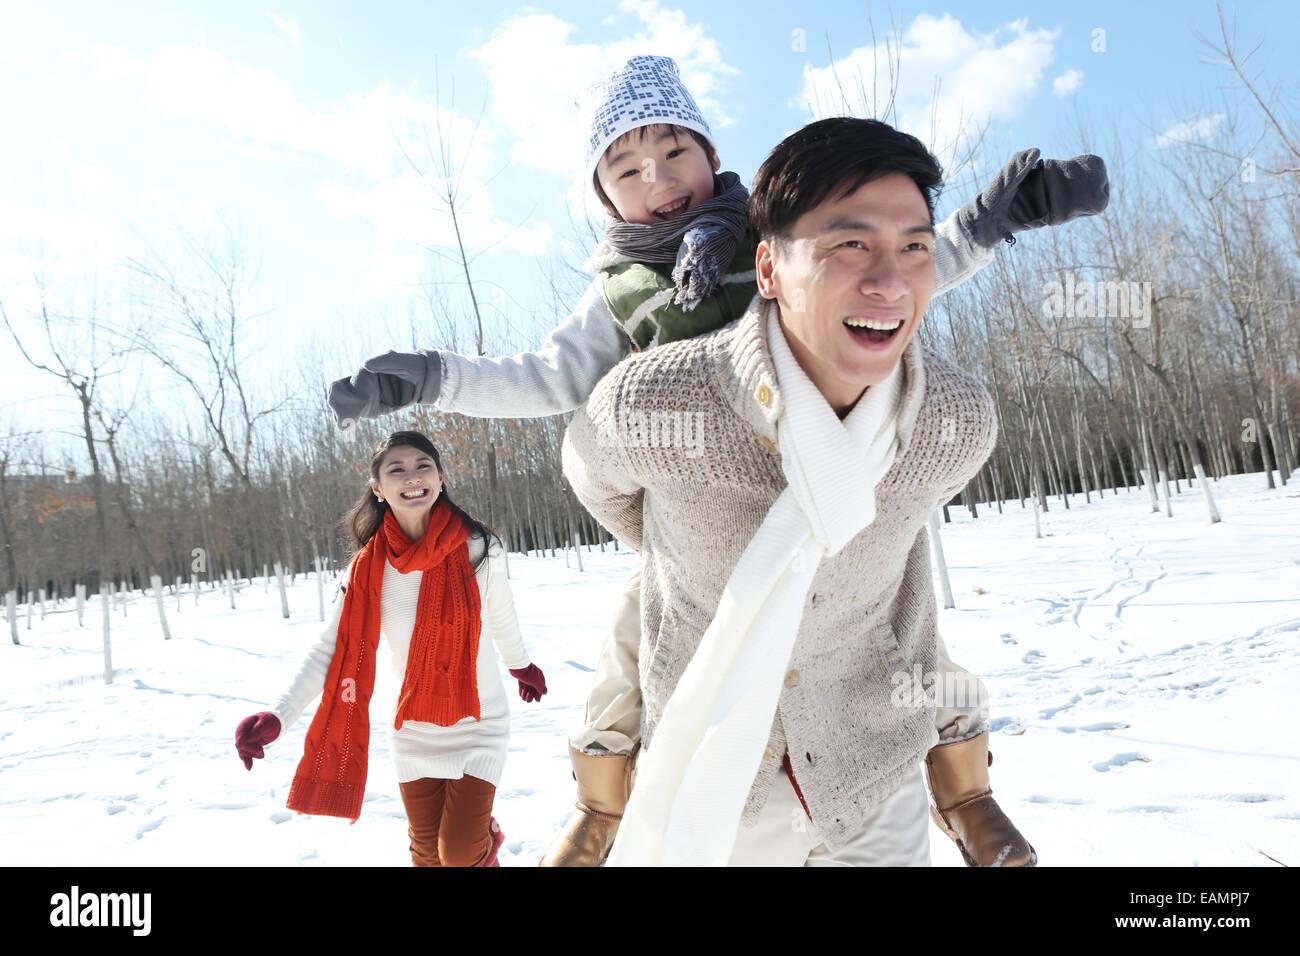 Una familia de tres corriendo en la nieve. Imagen De Stock